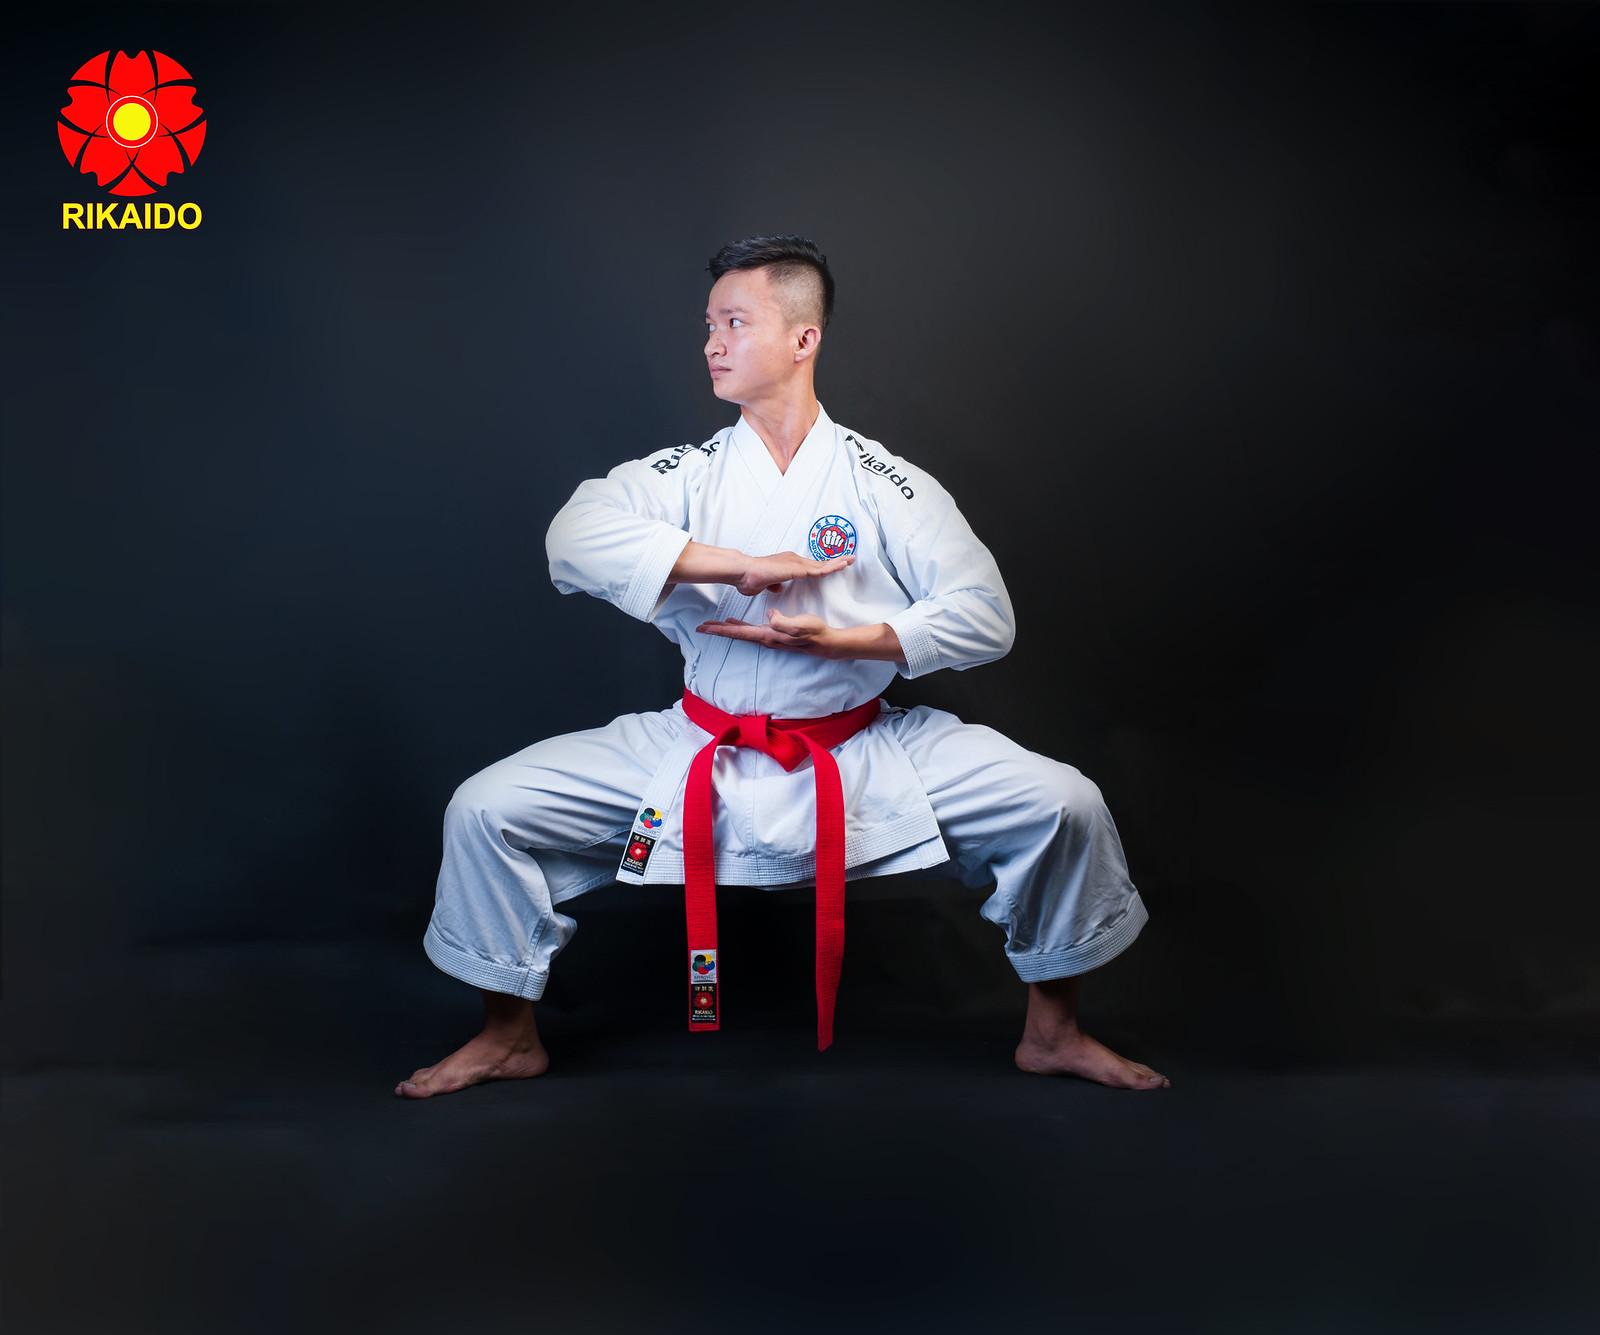 43073511205 8096781405 h - Ảnh nghệ thuật karate chụp trong studio